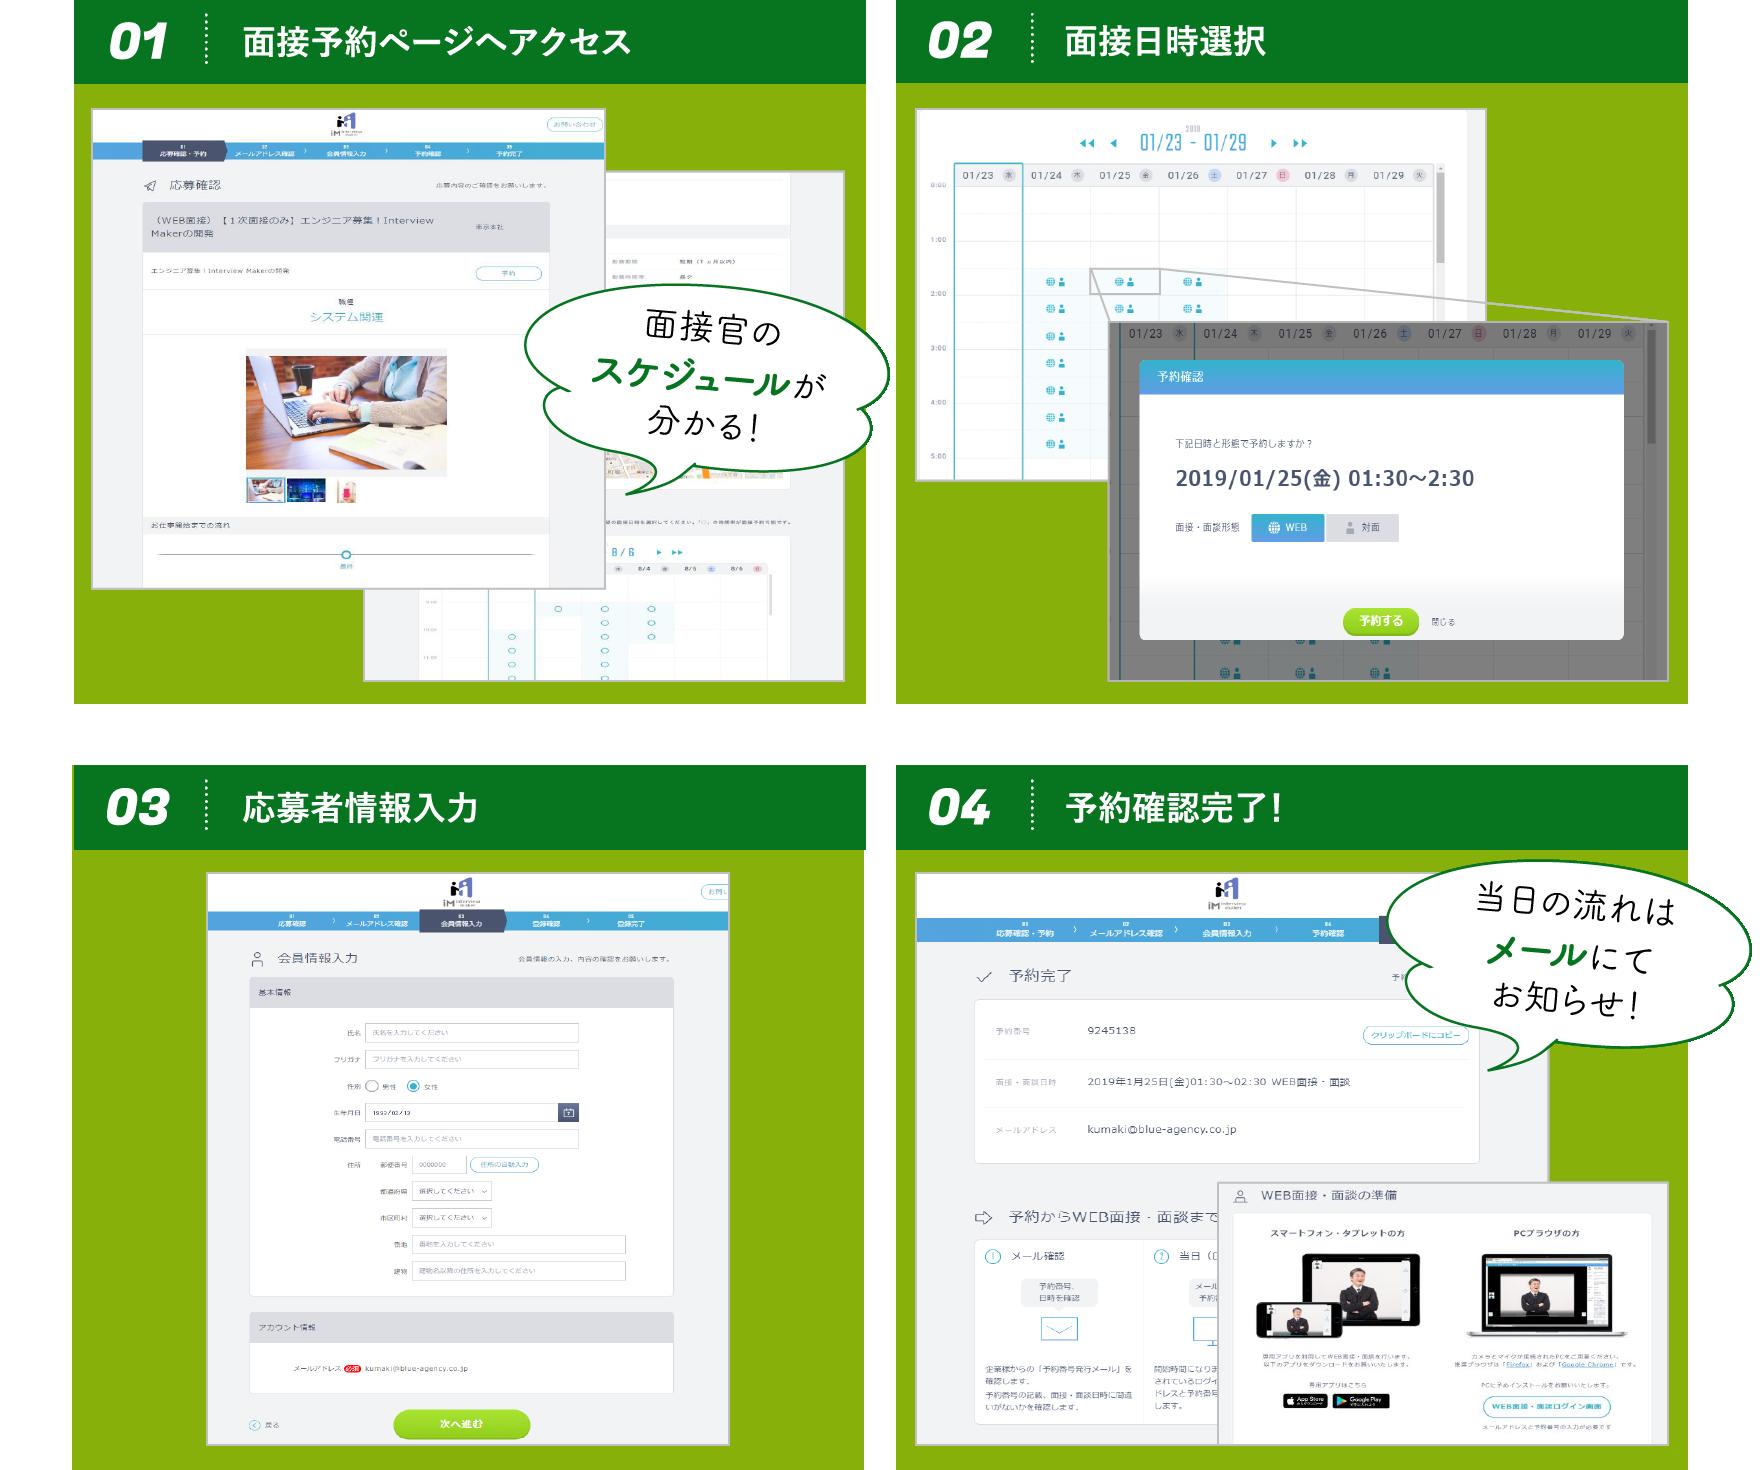 面接予約ページへアクセス / 面接日時選択 / 応募者情報入力 / 予約確認完了!